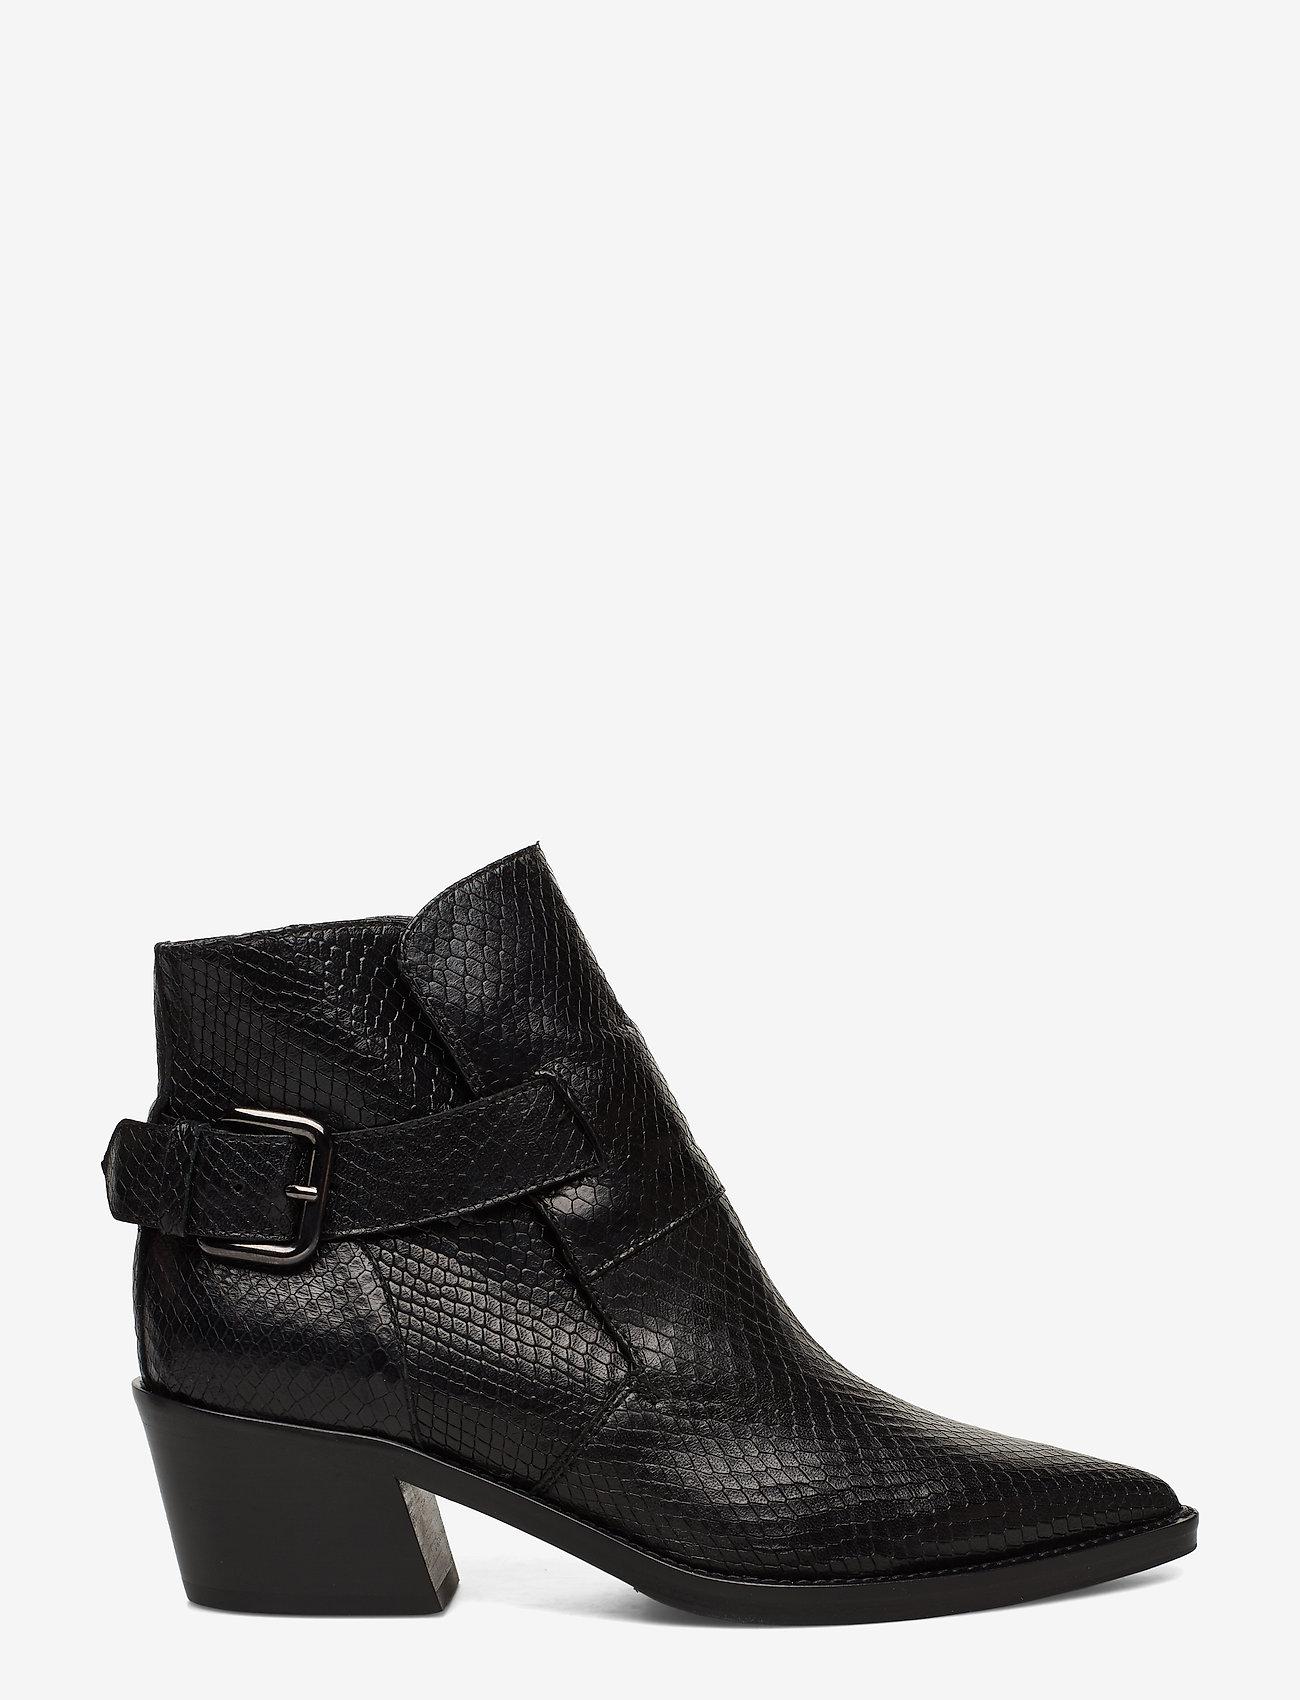 NOTABENE - Aila - ankelstøvletter med hæl - black snake leather - 1